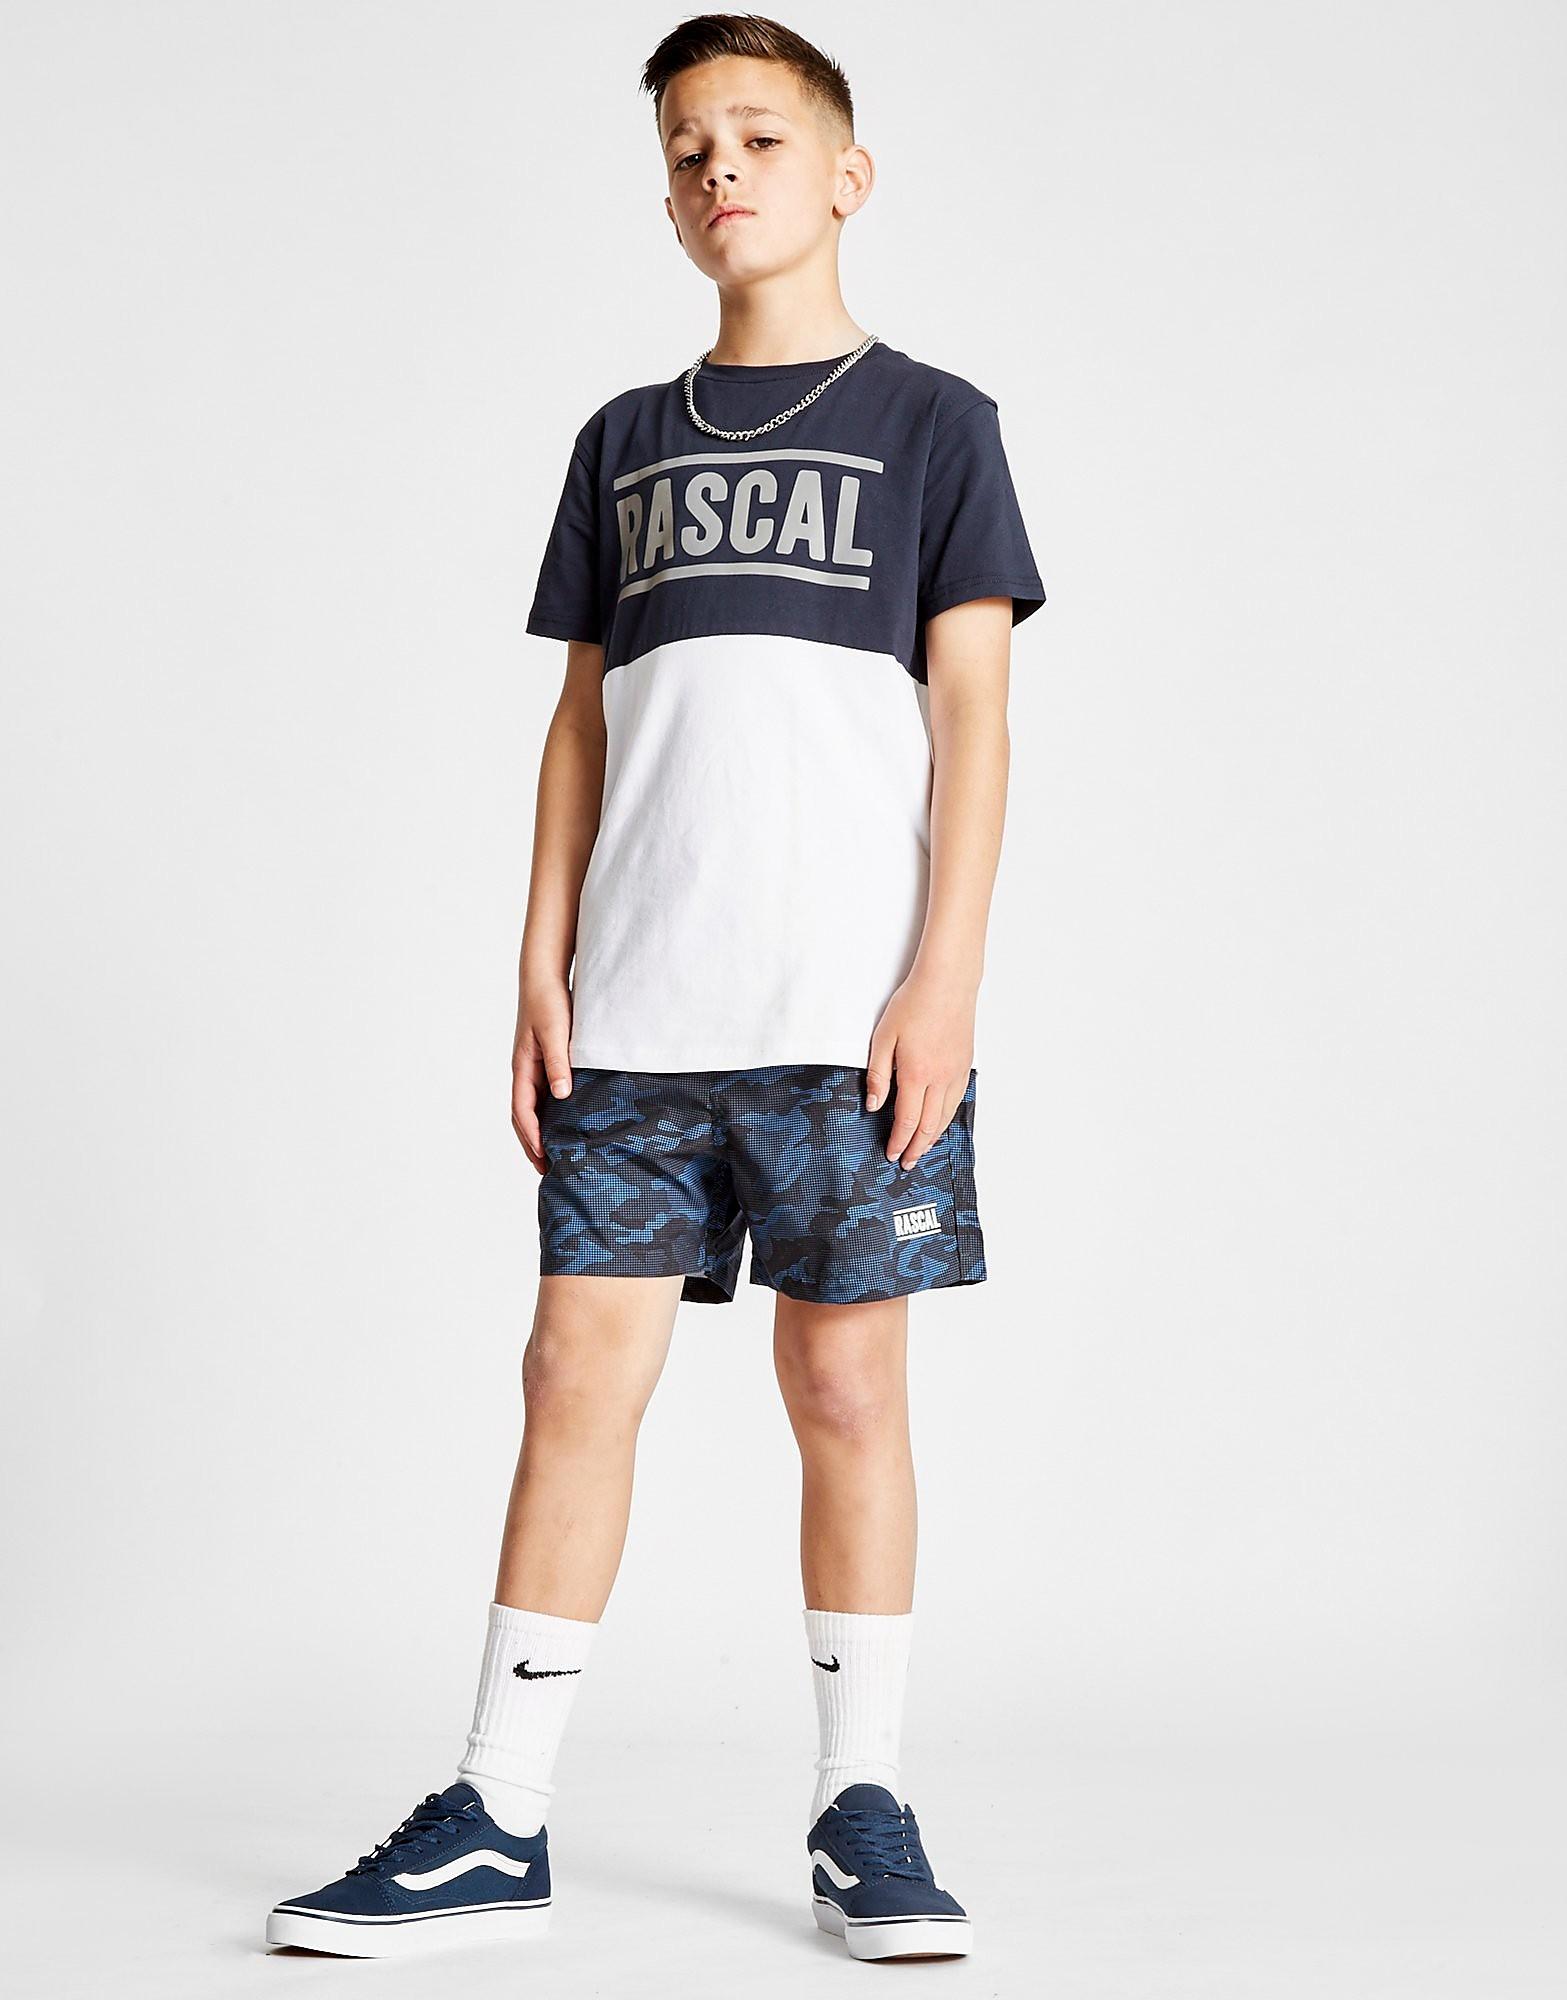 Rascal Short Camo Print Junior